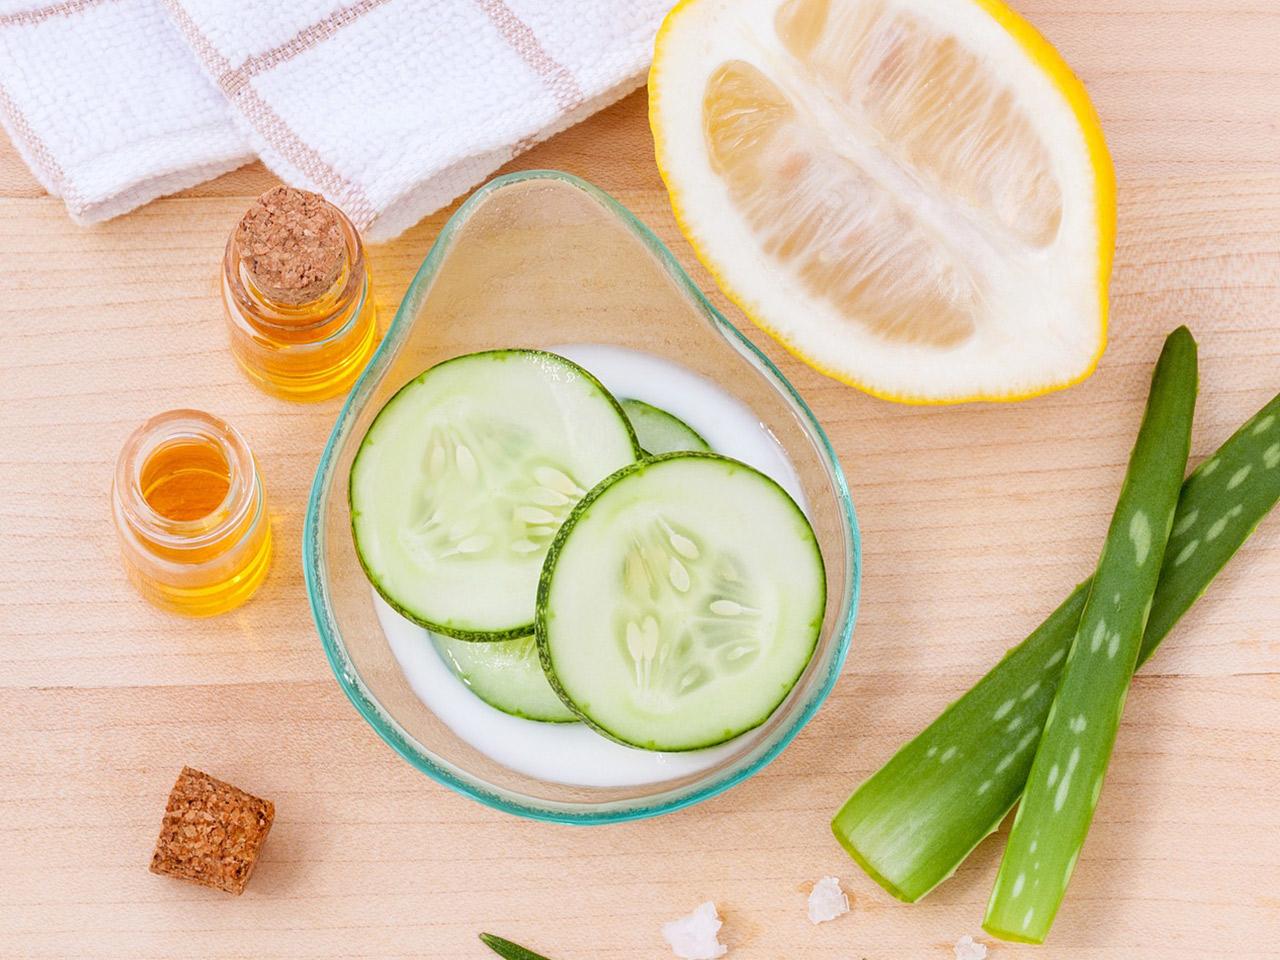 Eine optimale Hautpflege gegen unreine Haut ist an die verschiedenen Zyklusphasen angepasst und umfasst Cremes mit gesunden Inhaltsstoffen.